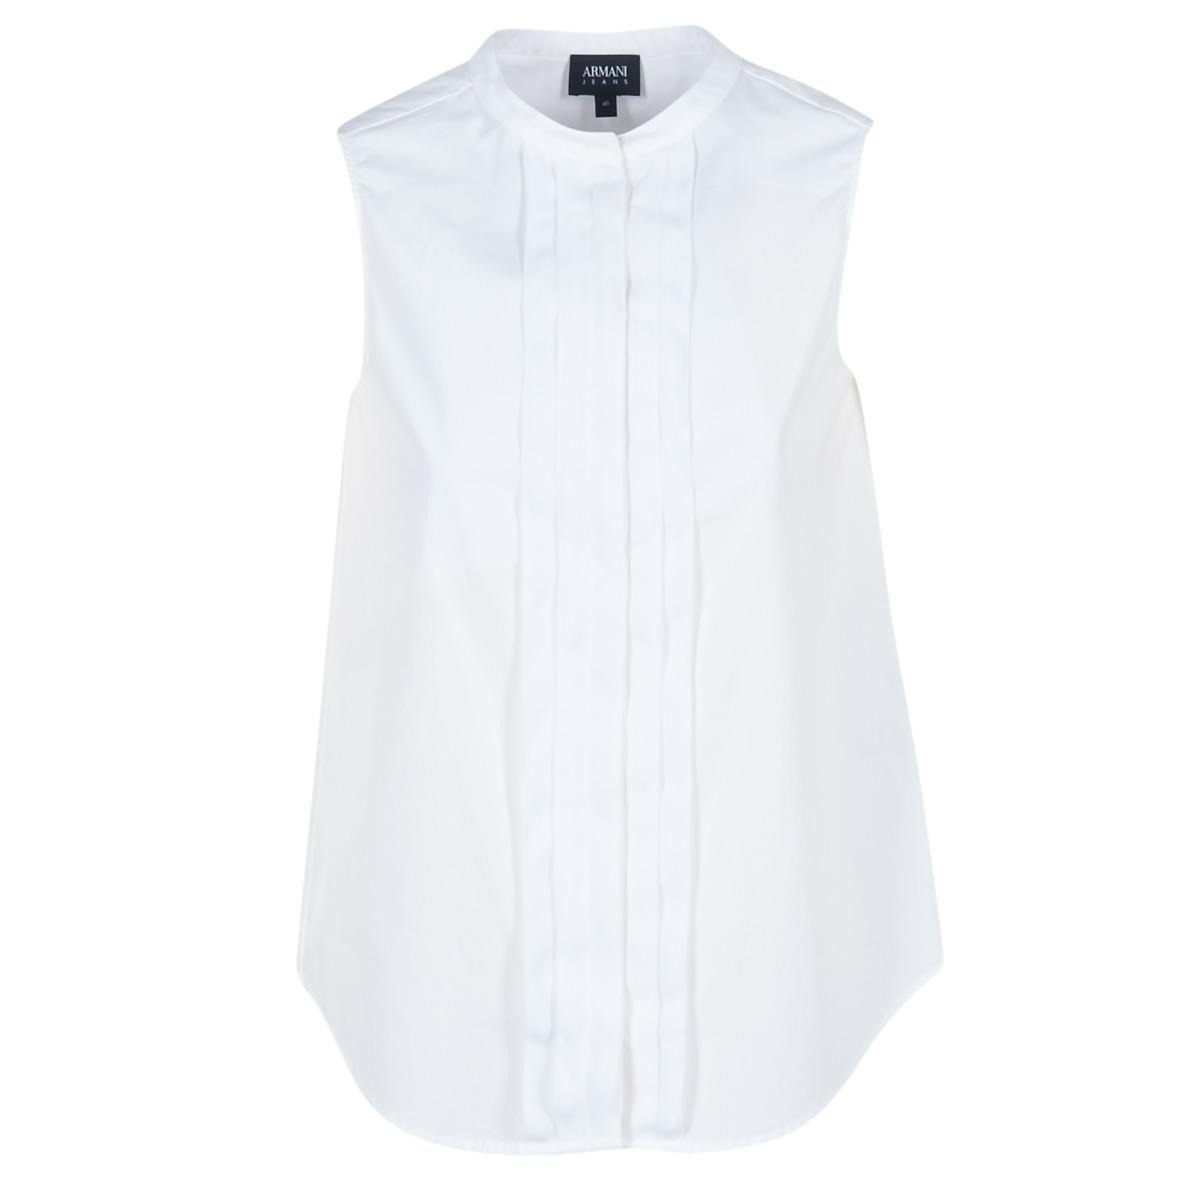 Skjorter / Skjortebluser Armani jeans  GIKALO